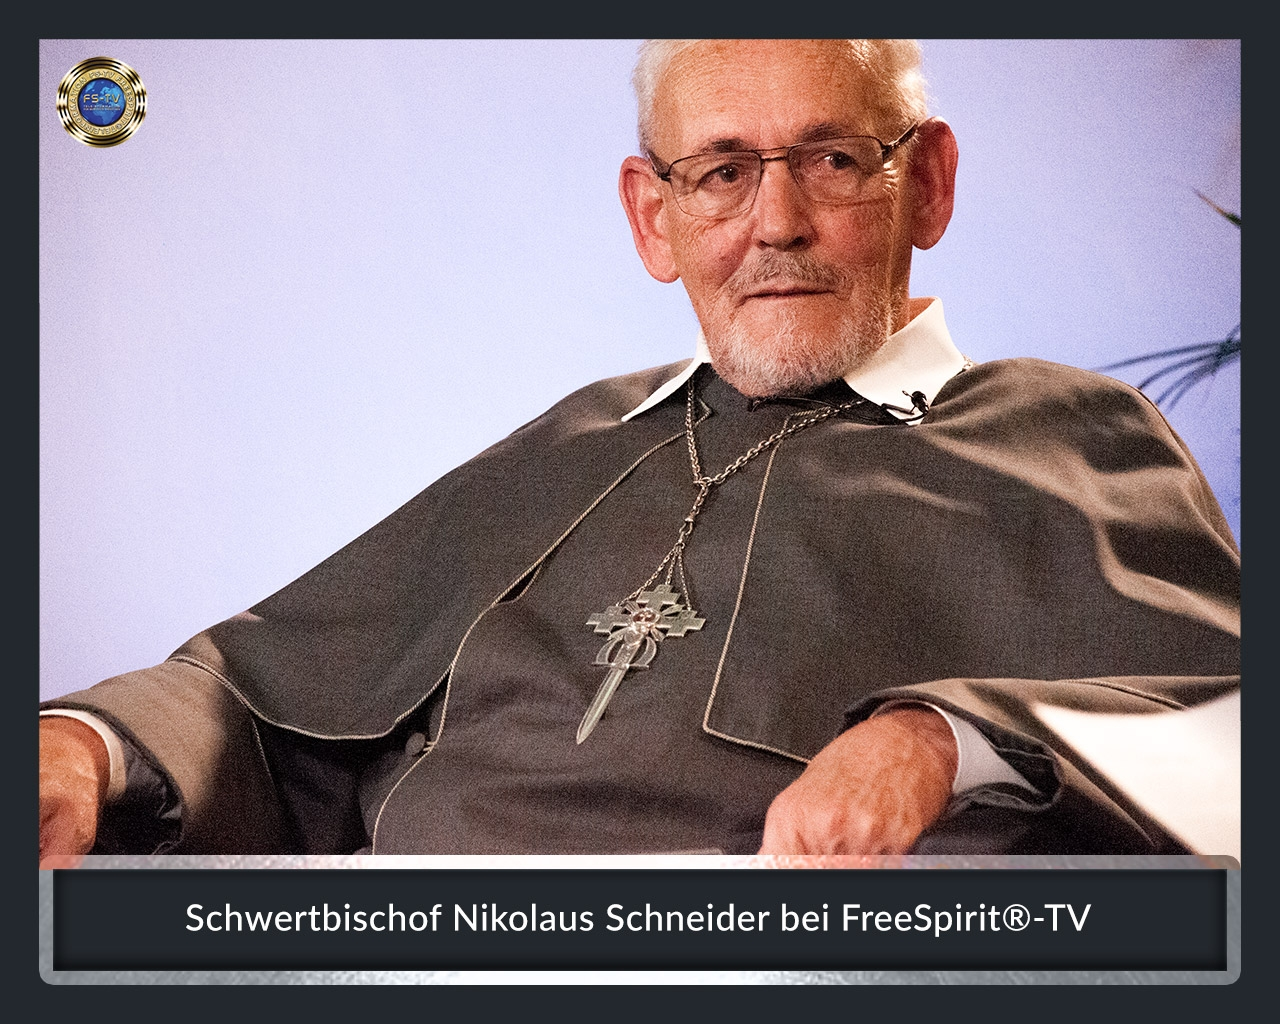 FS-TV-Bildergallerie-Schwertbischof-4